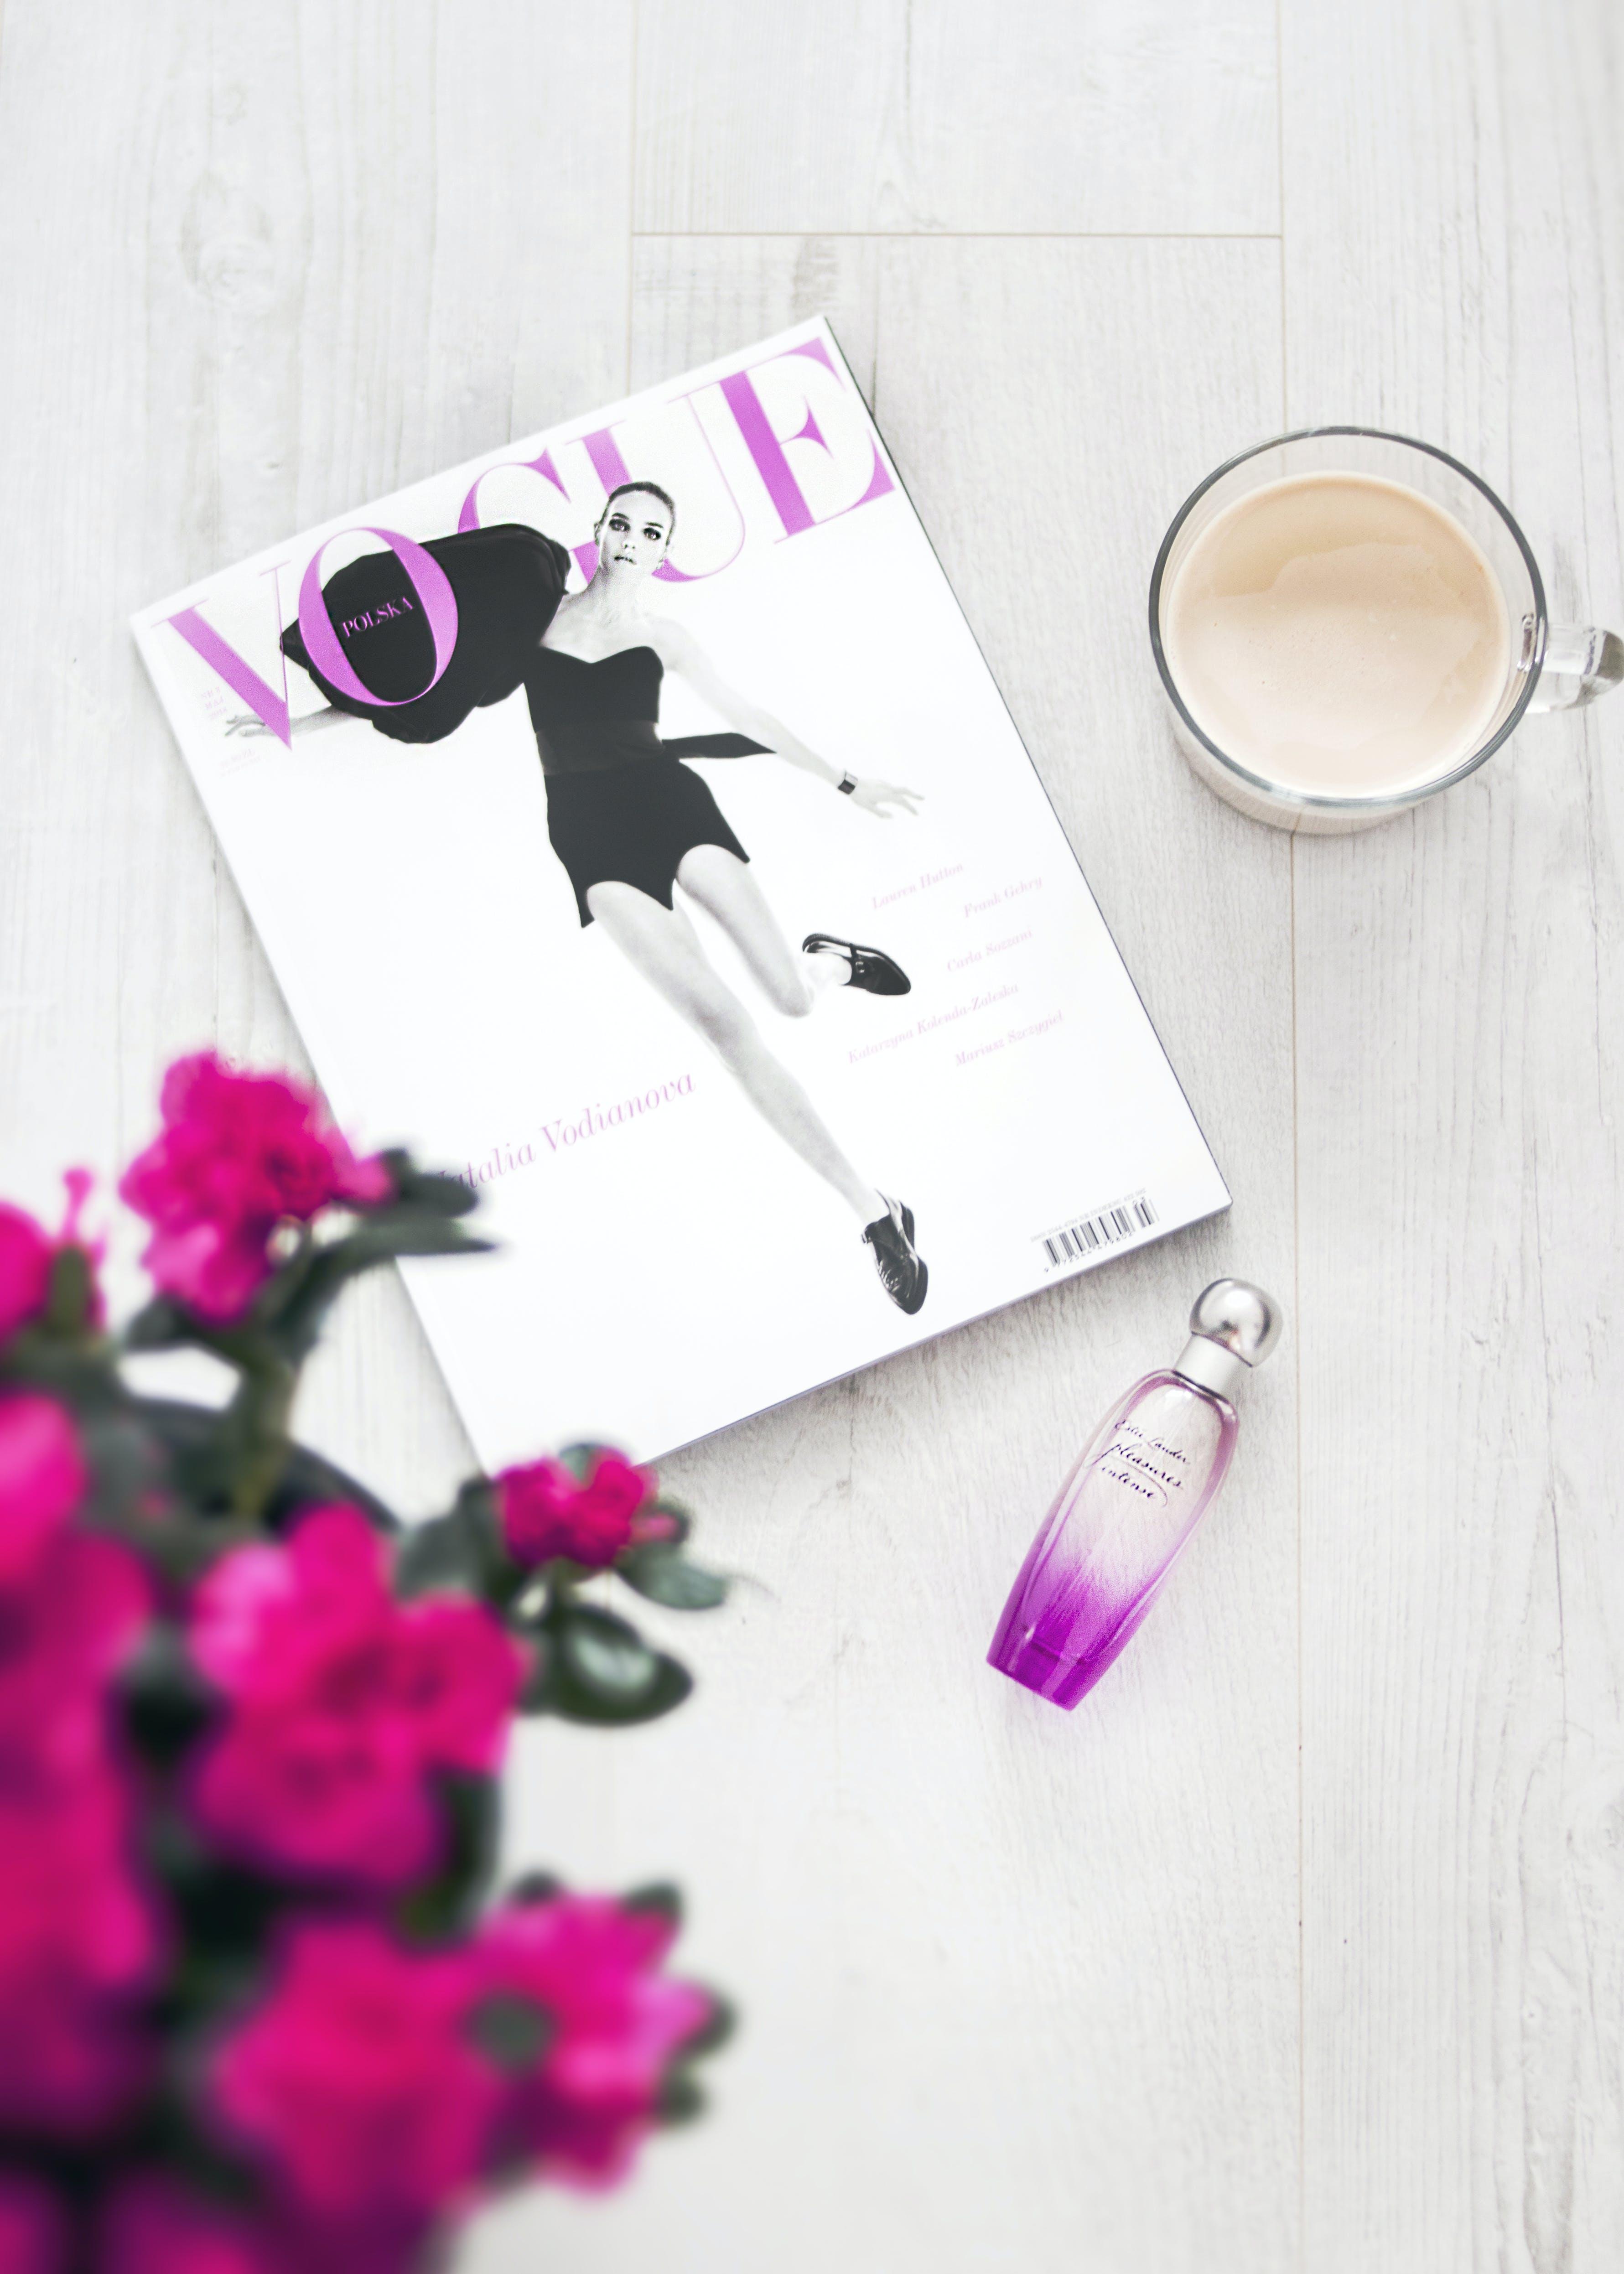 Vogue Magazine Beside Perfume Bottle